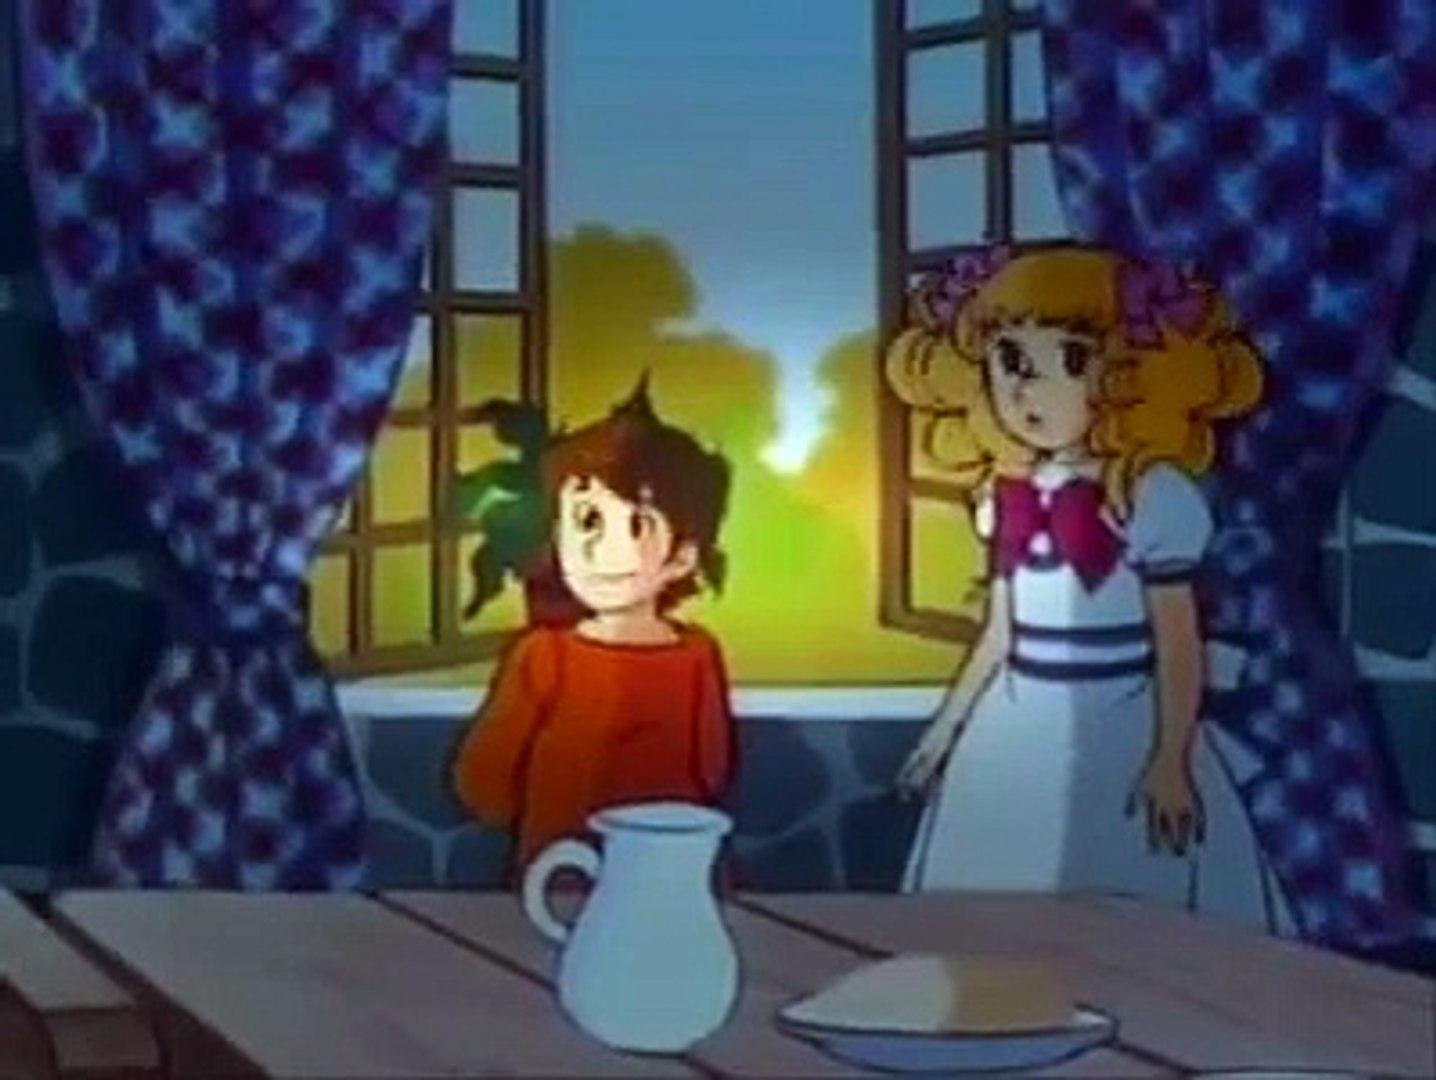 şeker kız Candy 43. bölüm Türkçe dublaj çizgi film , MASAL PERİSİ,Çizgi film izle masal animasyon 20